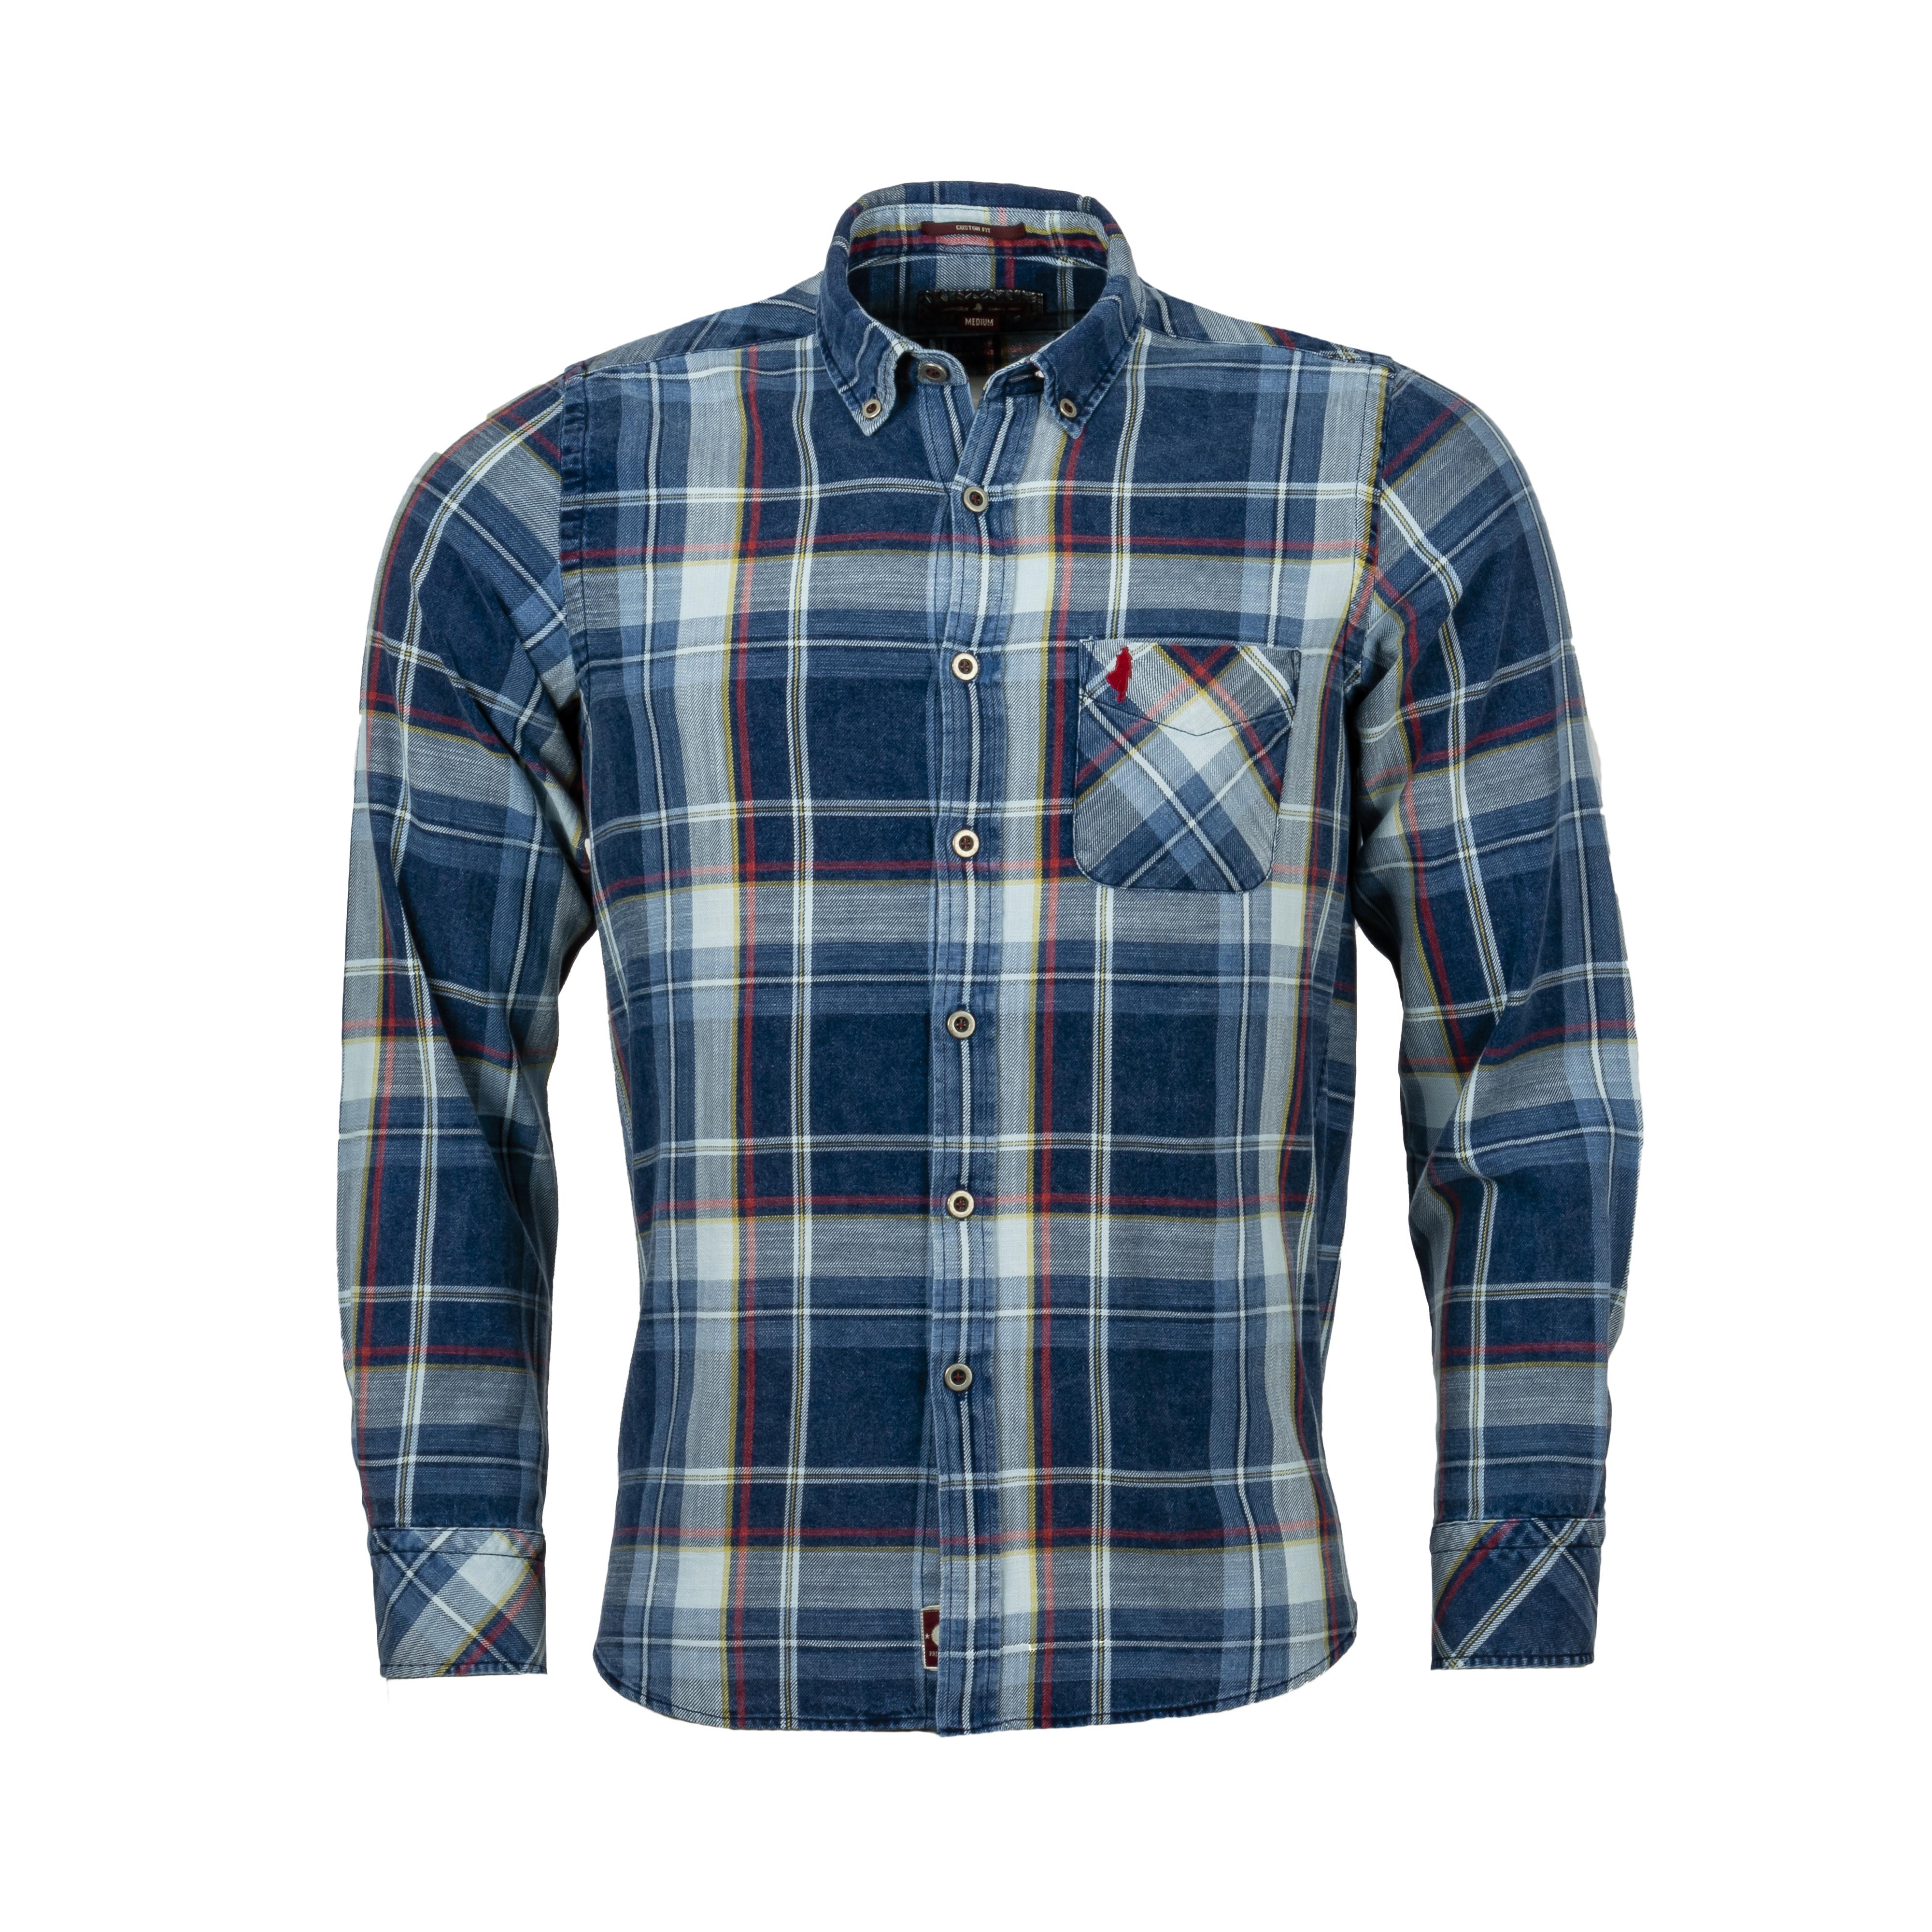 Chemise ajustée manches longues MCS en coton à carreaux bleus